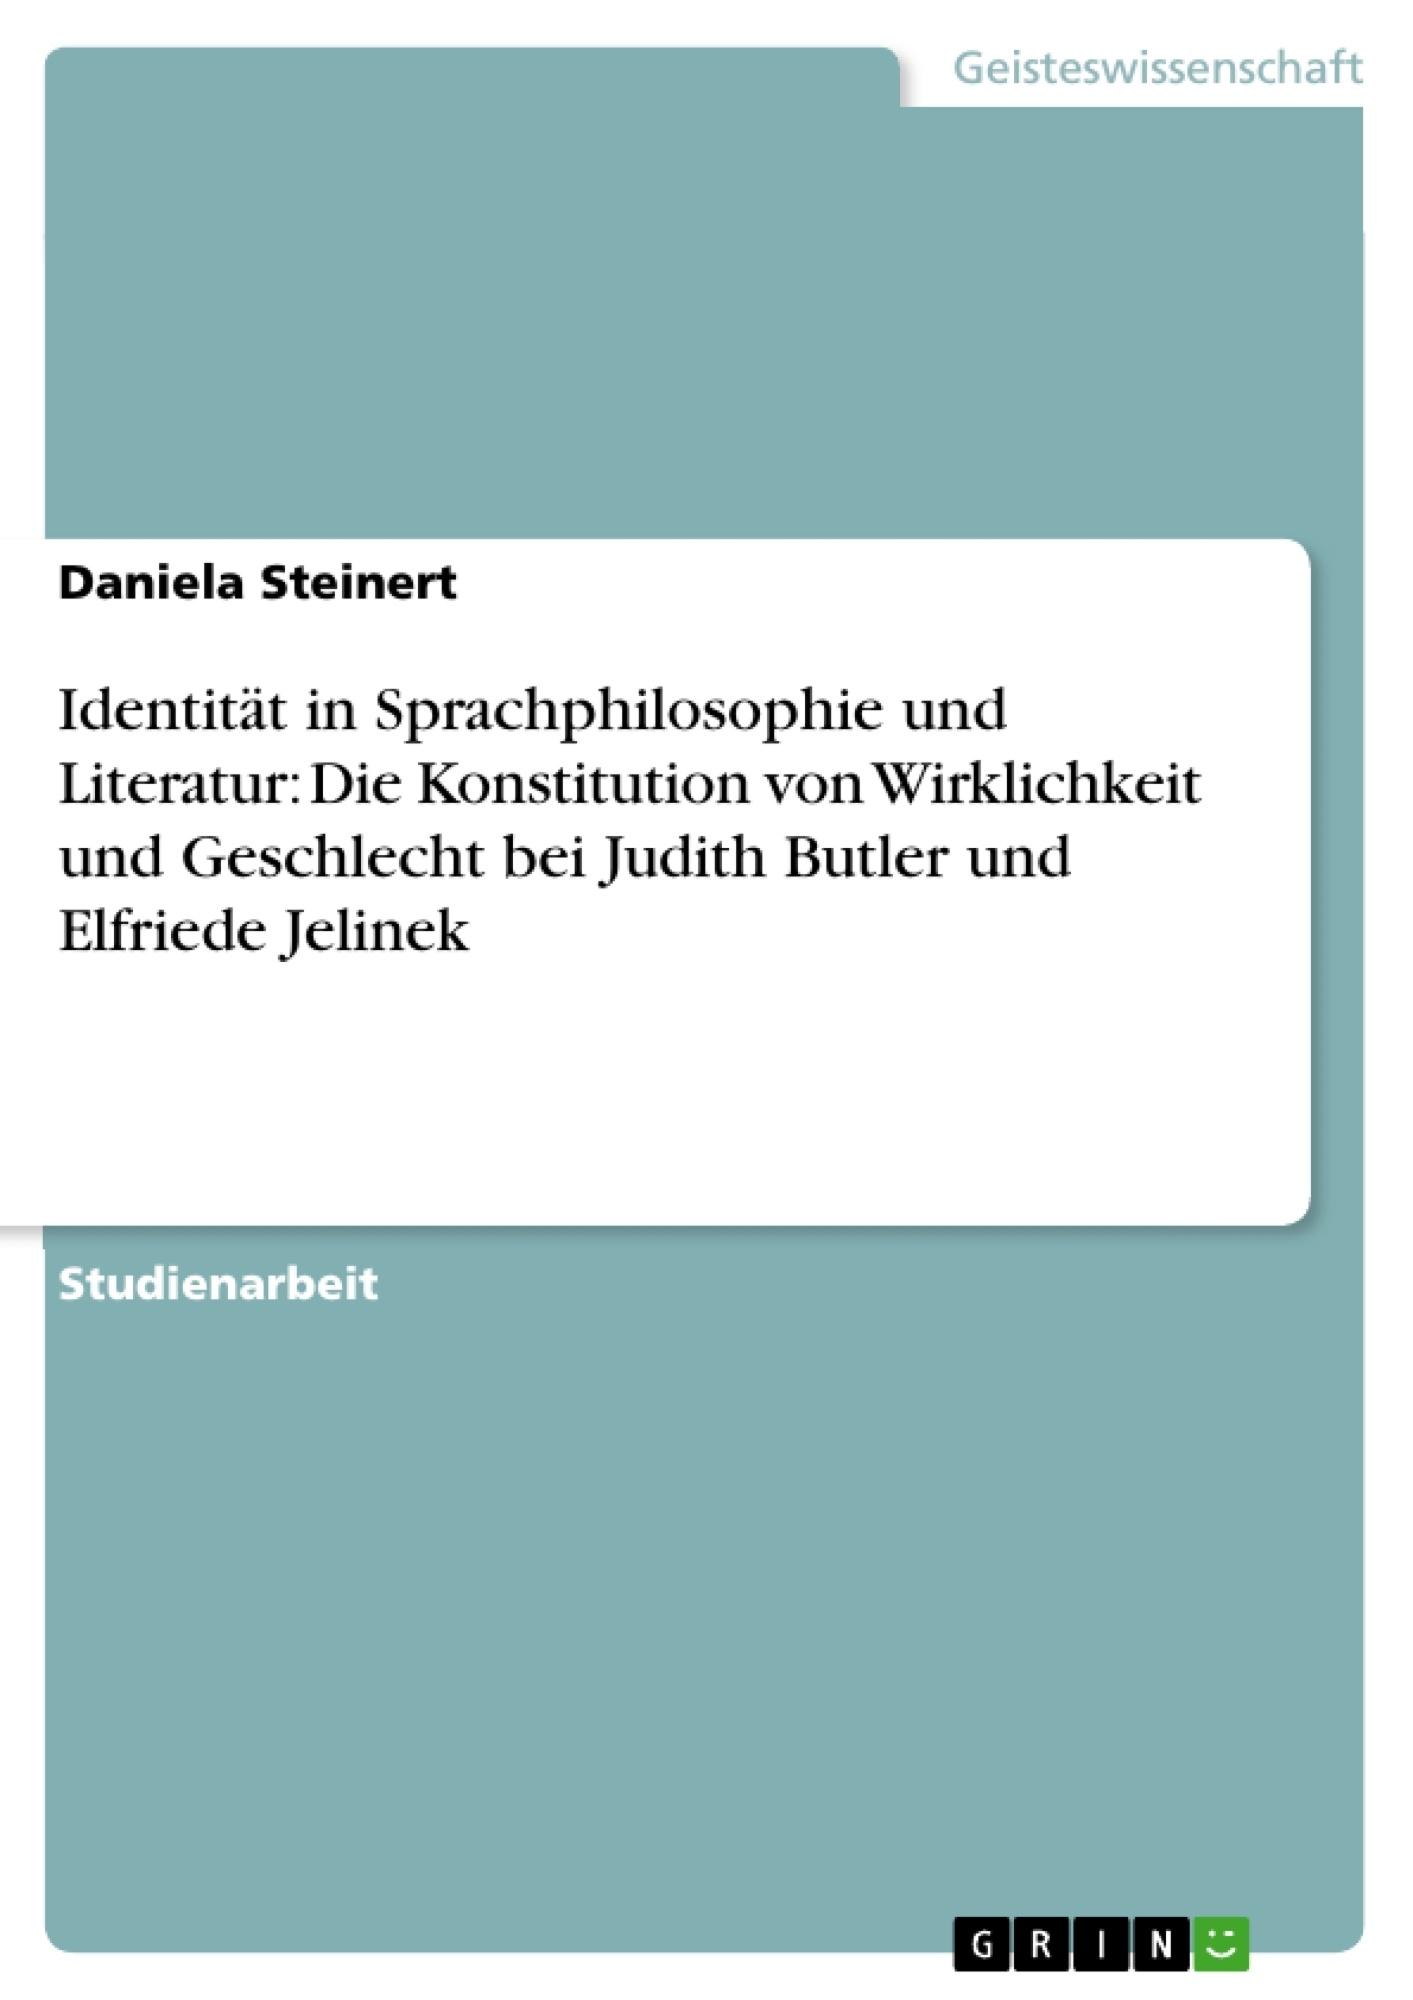 Titel: Identität in Sprachphilosophie und Literatur: Die Konstitution von Wirklichkeit und Geschlecht bei Judith Butler und Elfriede Jelinek